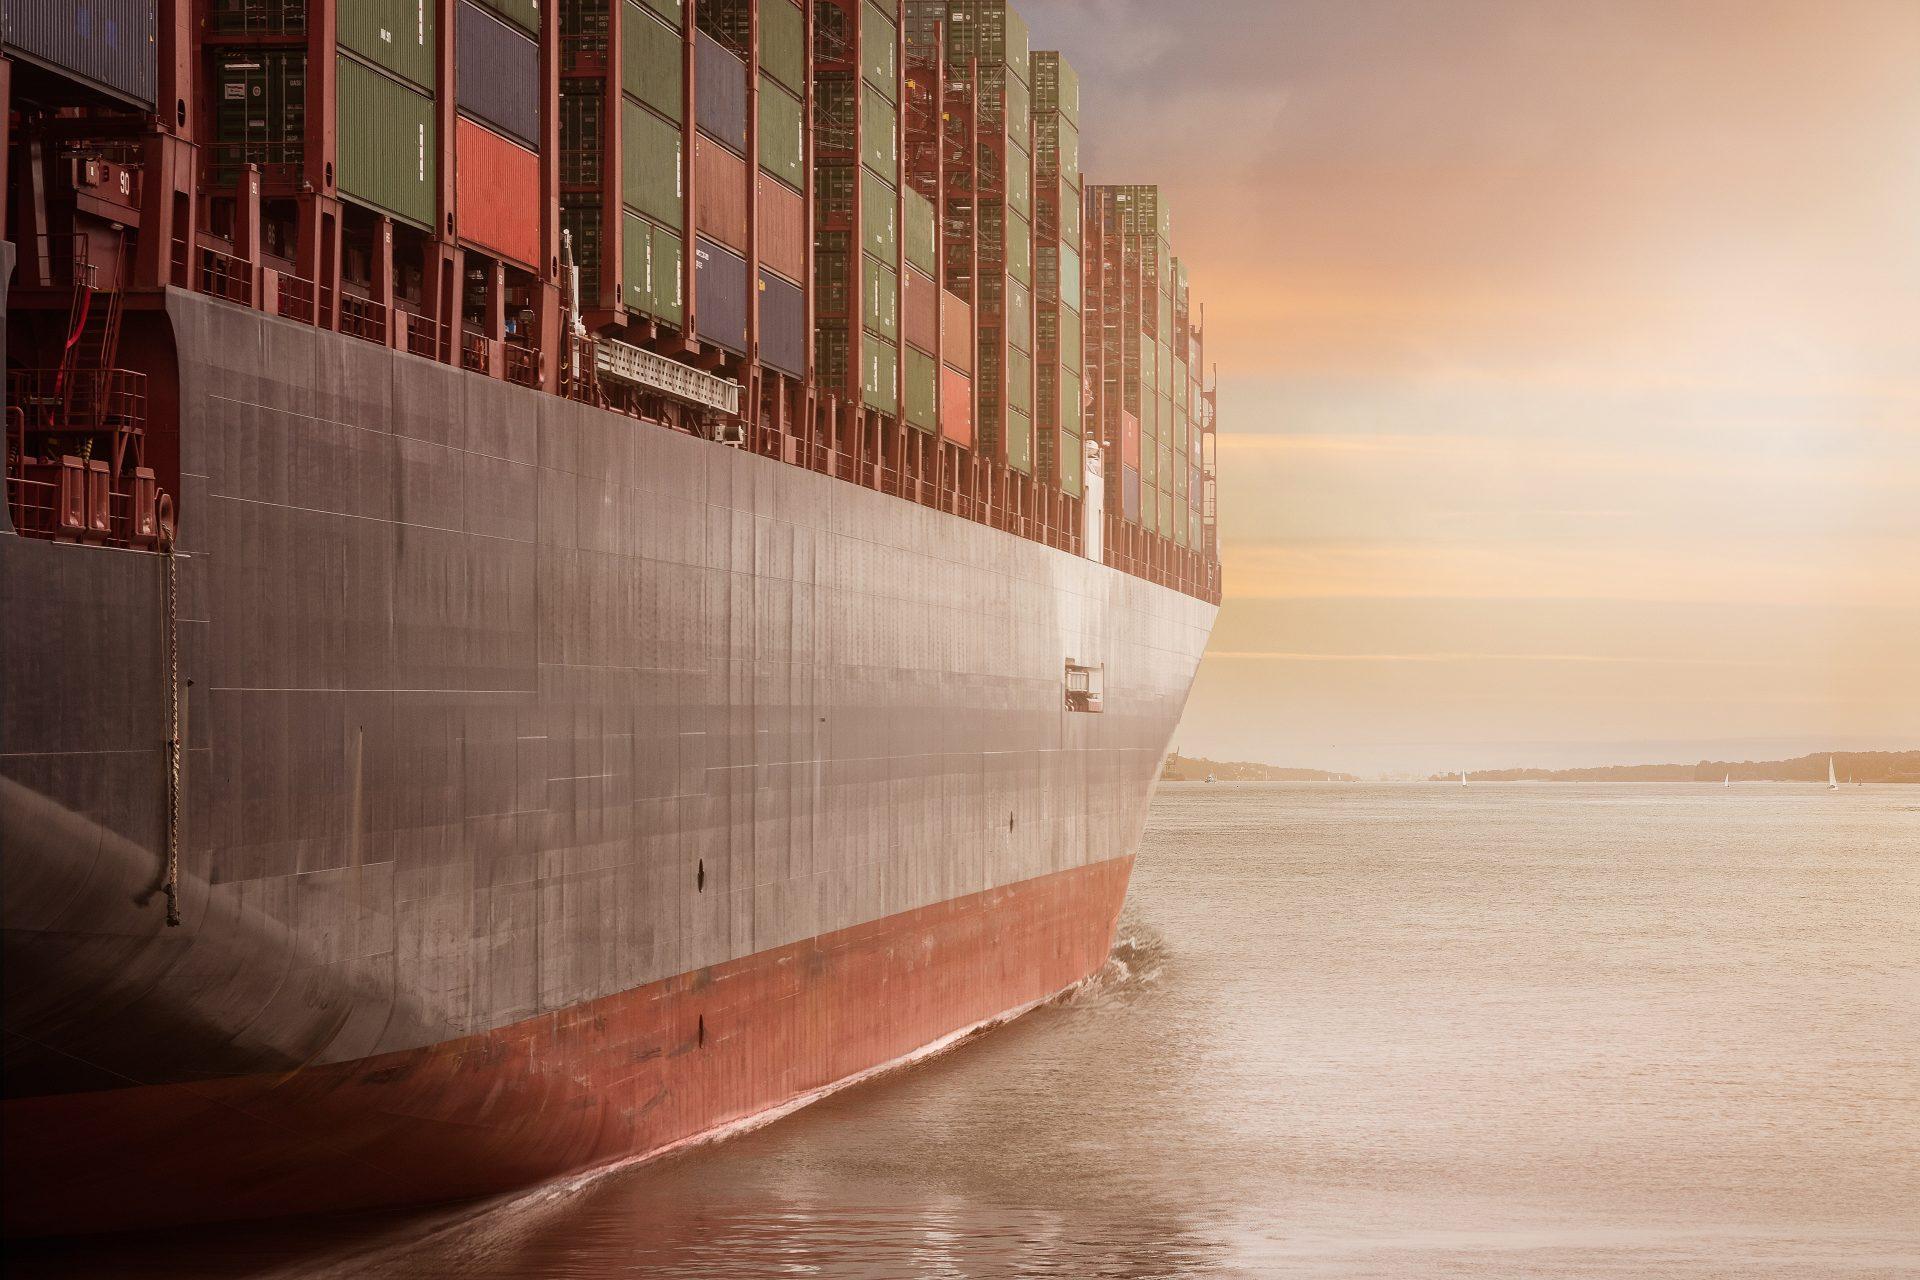 Grondstoffenschaarste zorgt voor ongeziene prijsstijgingen en leveringsproblemen